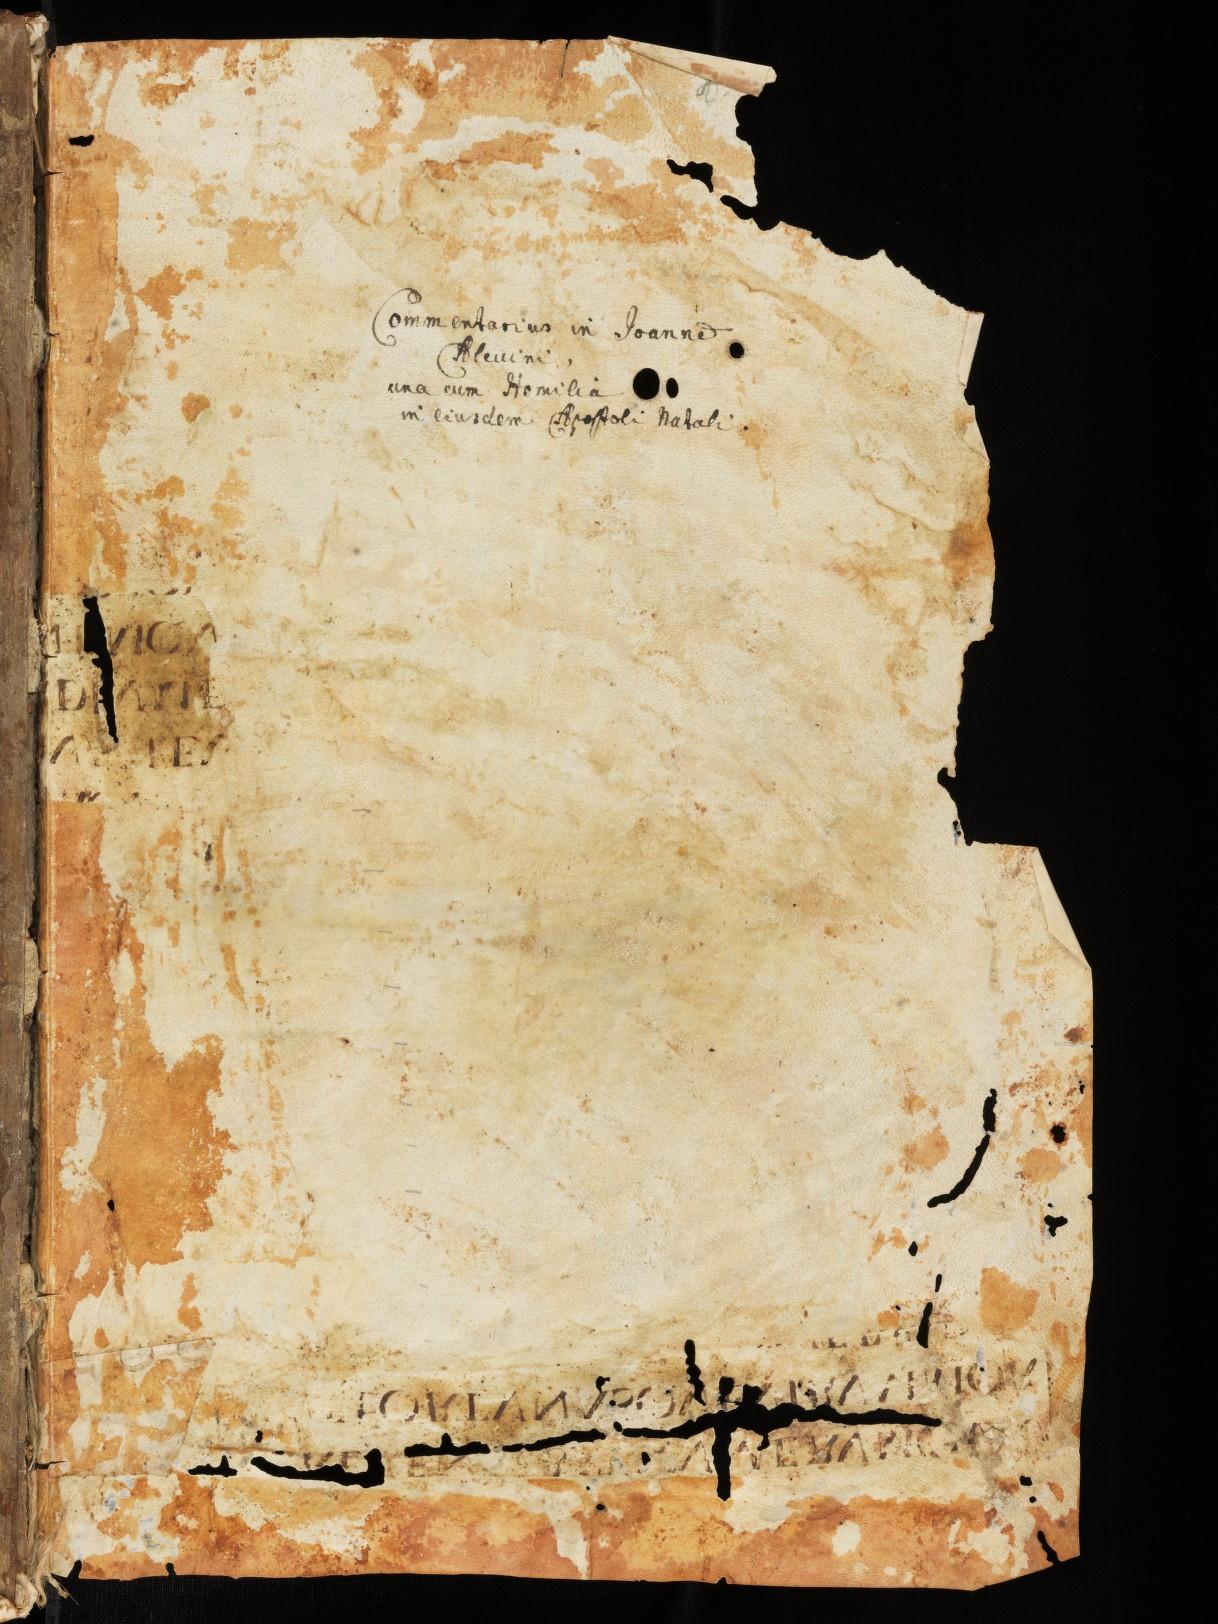 Cod. Sang. 275, p. 1